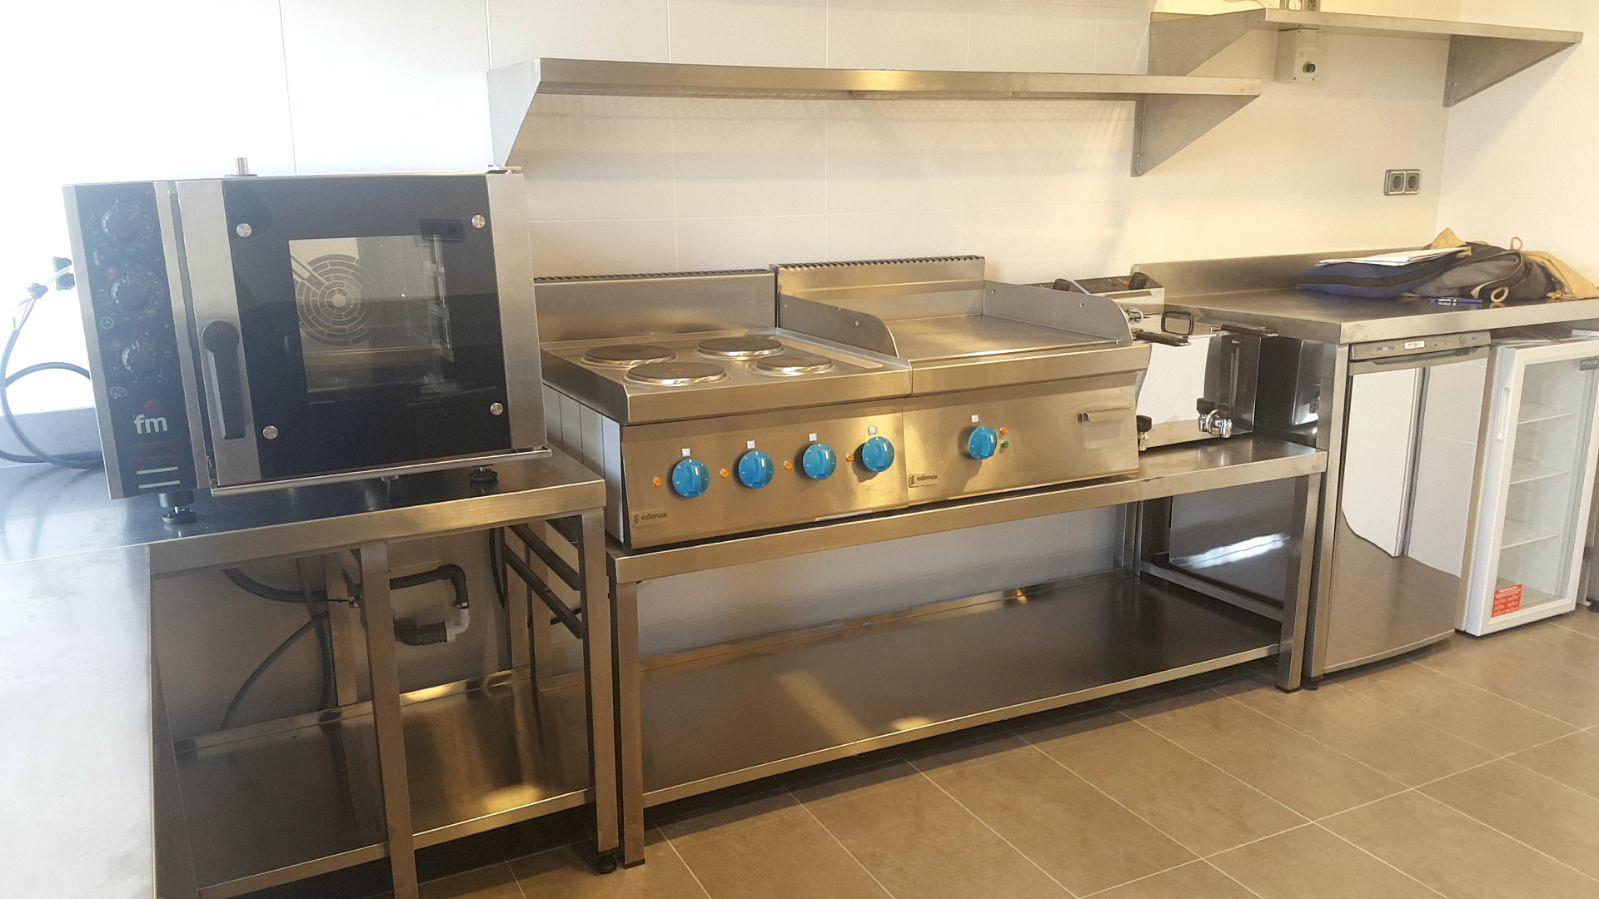 20 bonito maquinaria cocina im genes cocina industrial for Medidas banco cocina